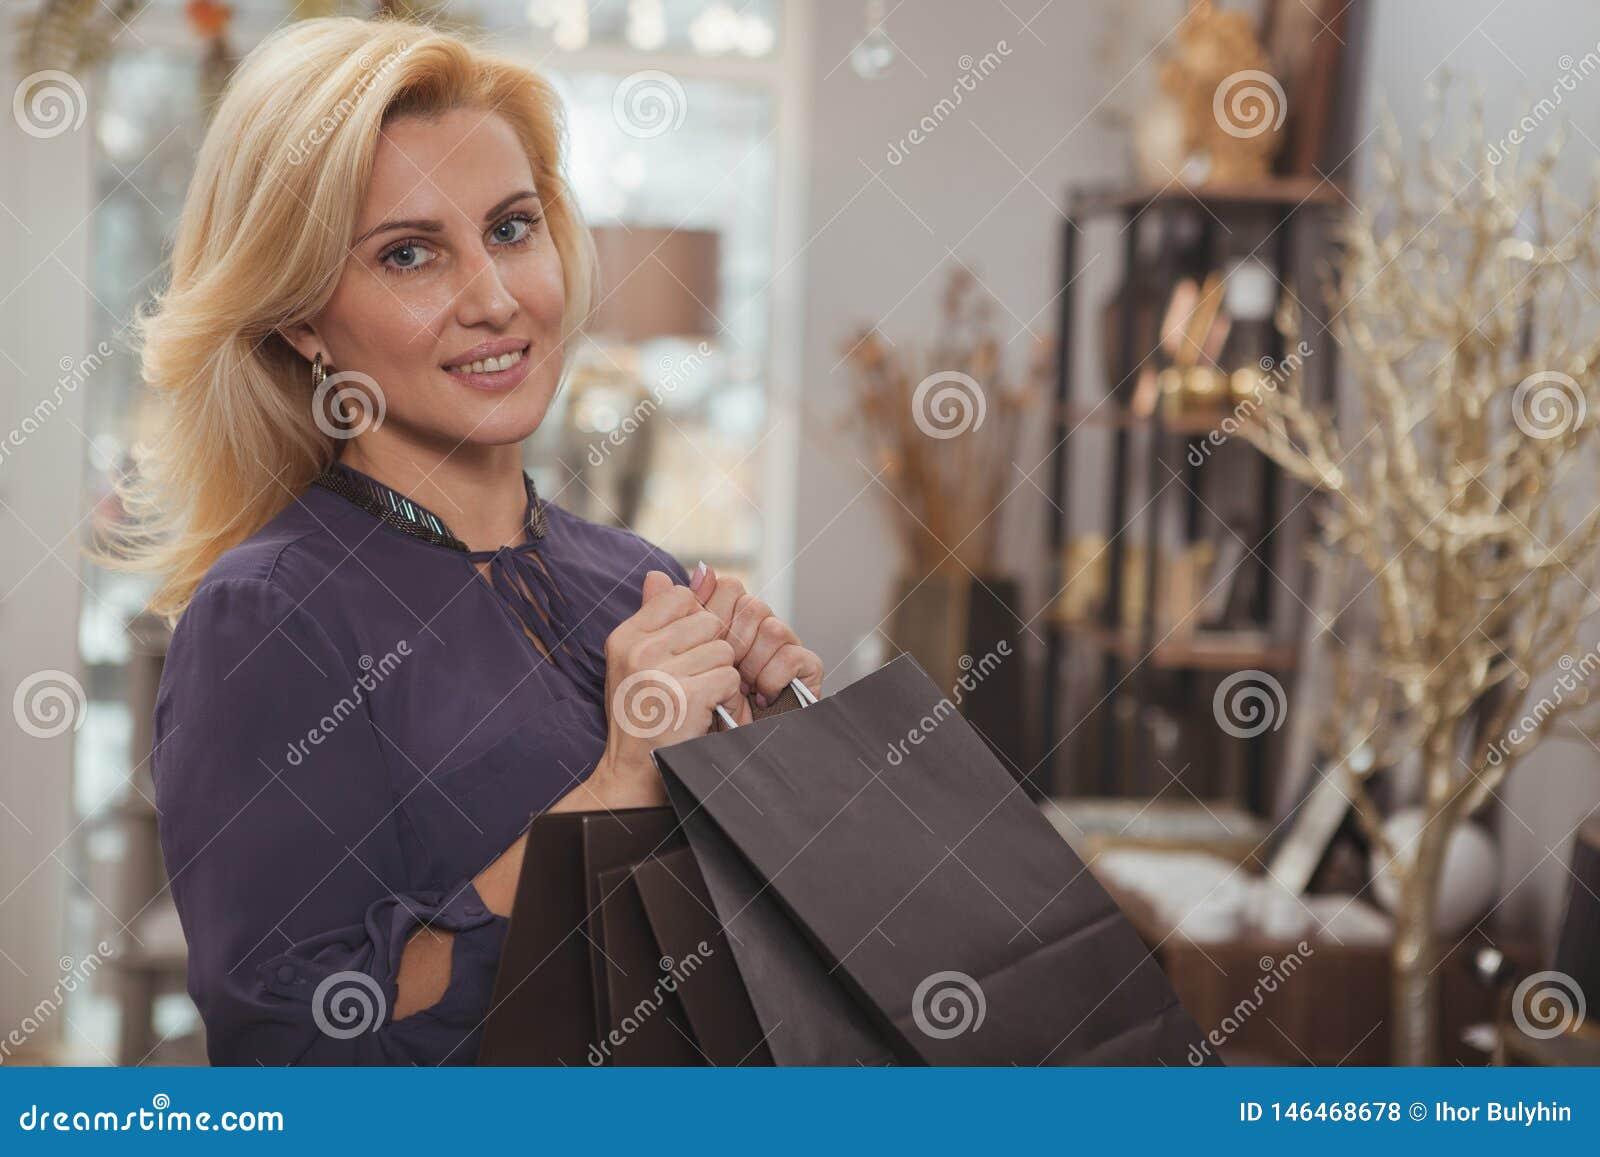 Πανέμορφο ώριμο κατάστημα ντεκόρ γυναικών που ψωνίζουν στο σπίτι